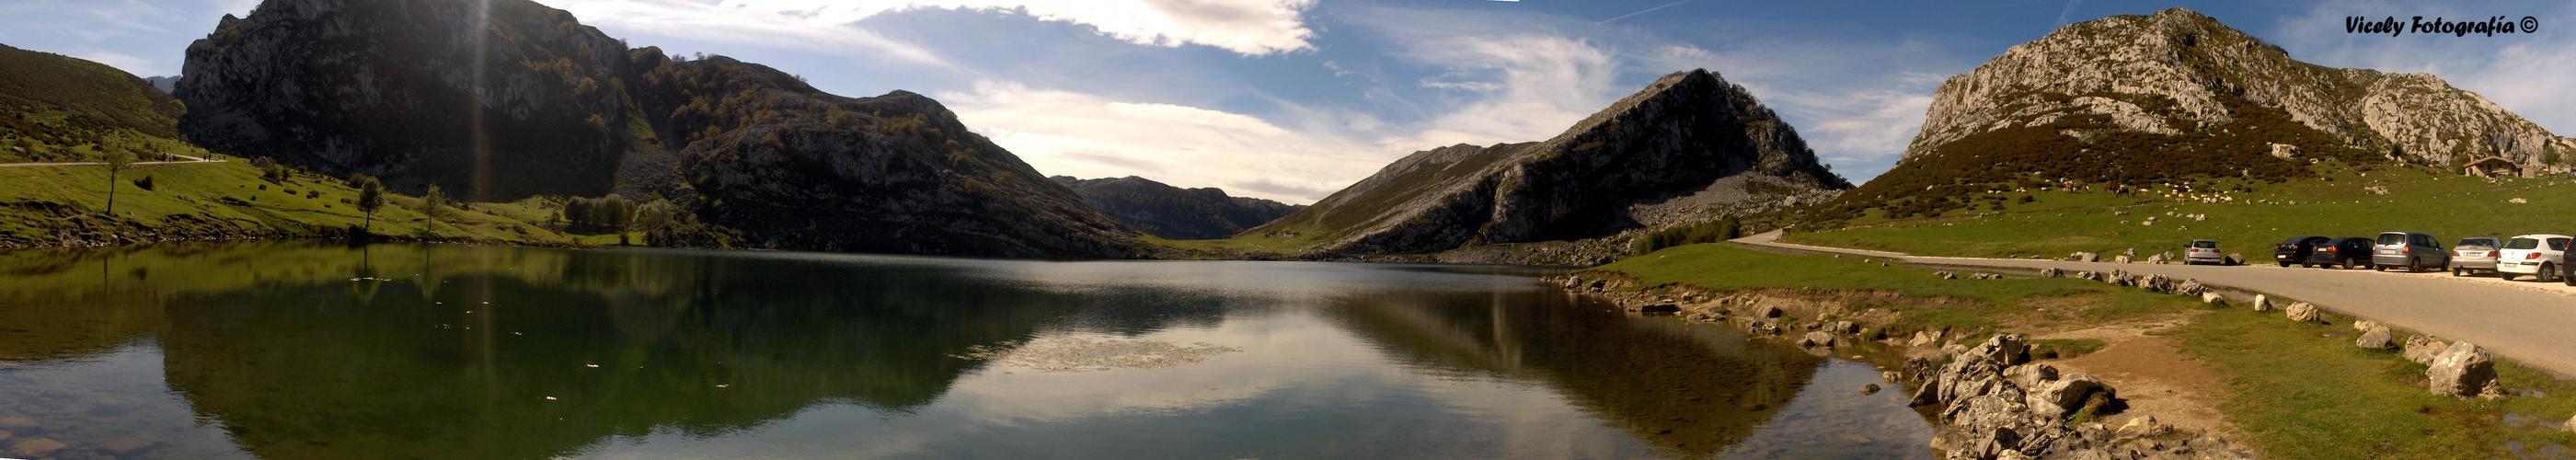 lagos de covadonga asturias 2